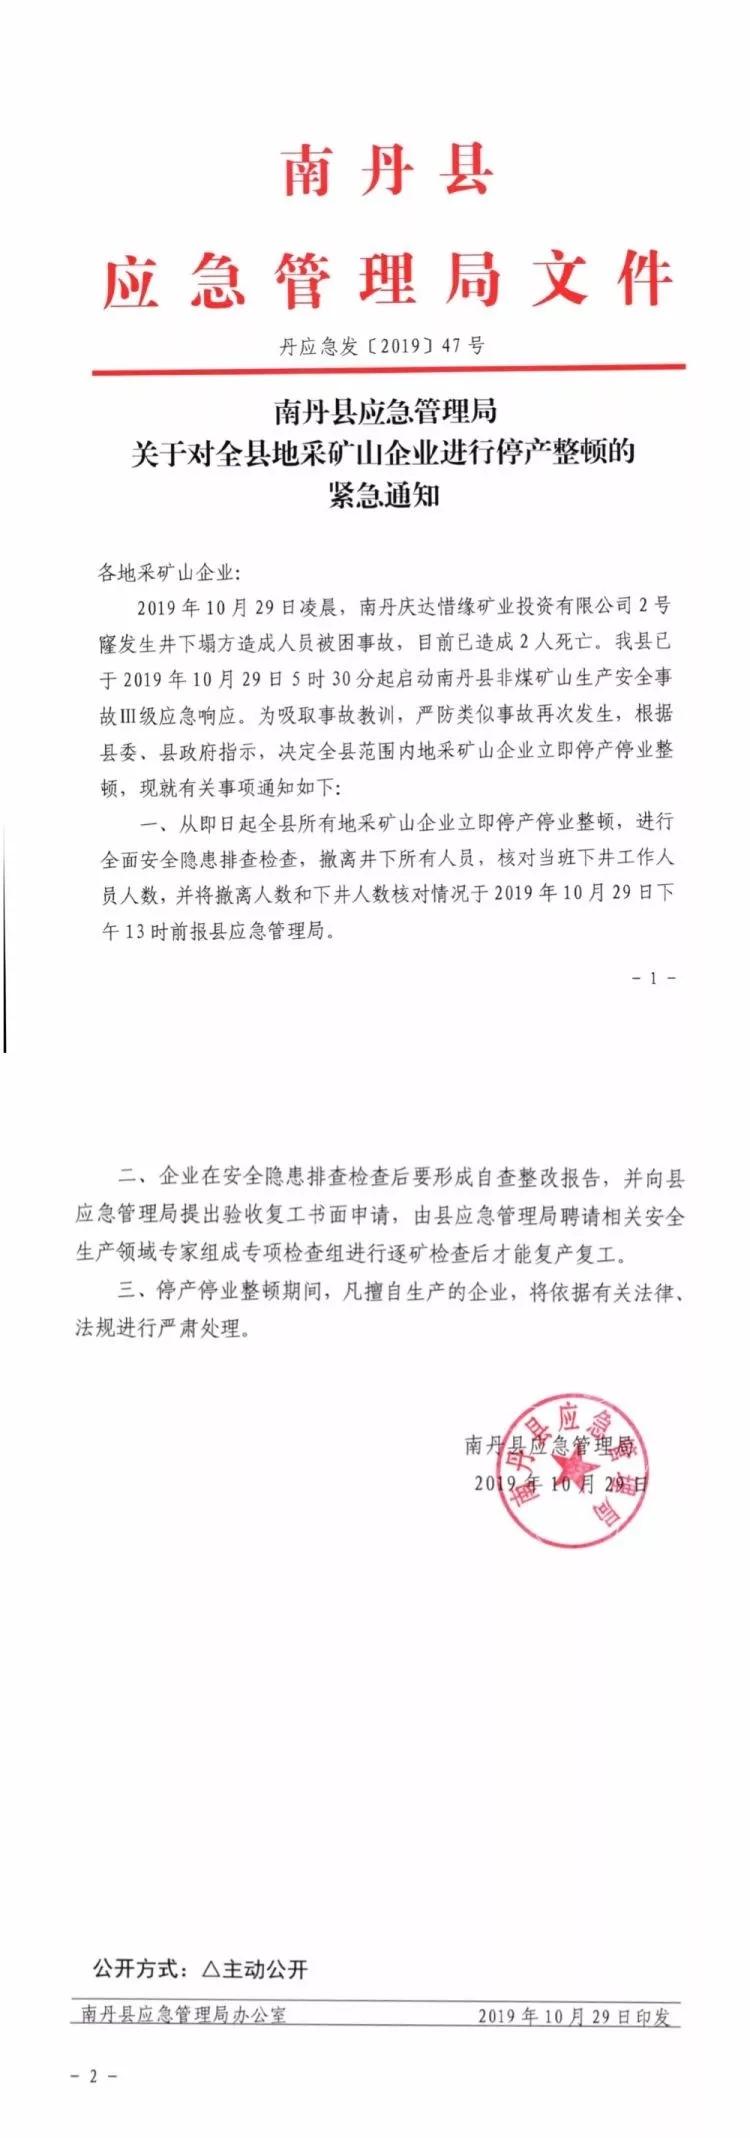 南丹矿井冒顶事故续:全县地采矿山企业停产整顿